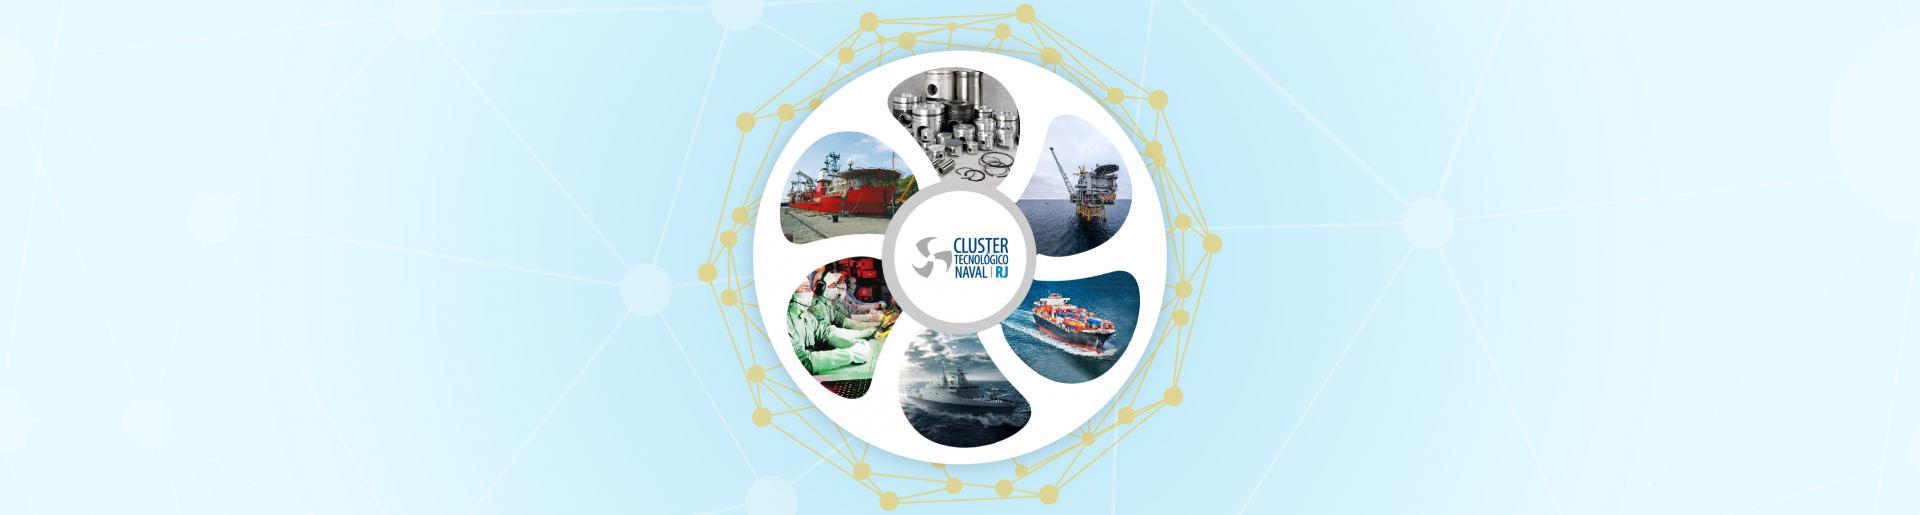 https://www.marinha.mil.br/emgepron/pt-br/associacao-do-cluster-tecnologico-naval-do-rio-de-janeiro